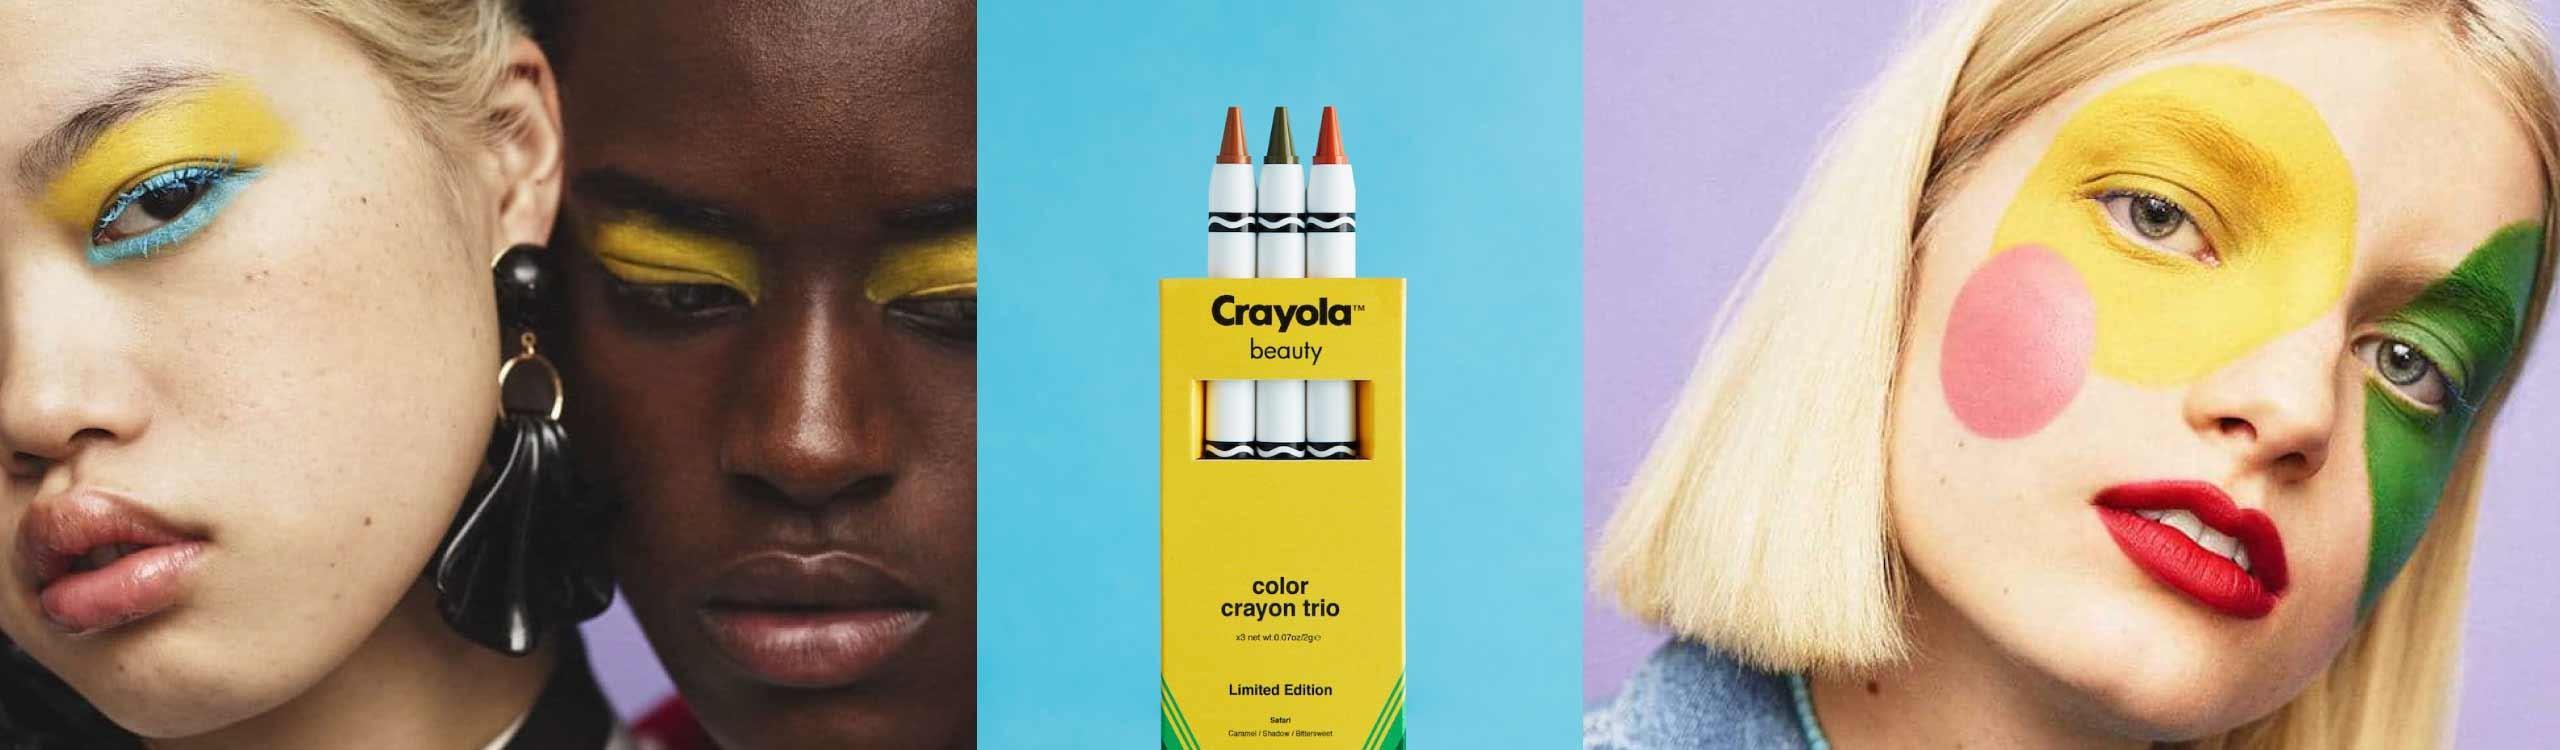 crayola-maquillaje-mis-gafas-de-pasta-destacado